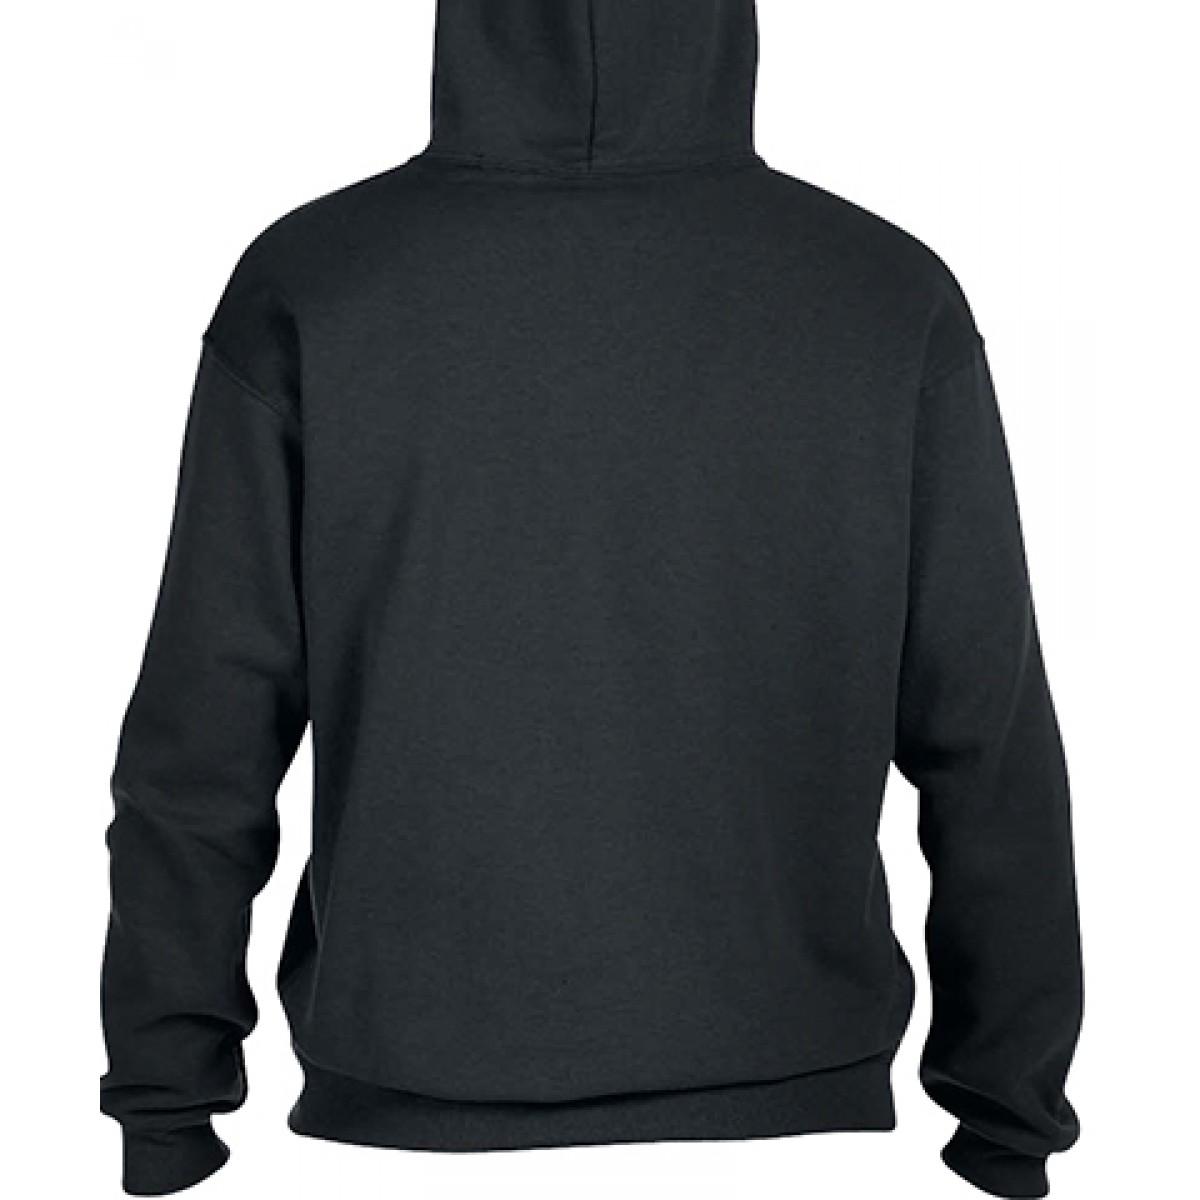 Pullover Hood 50/50 Preshrunk Fleece-Black-XL